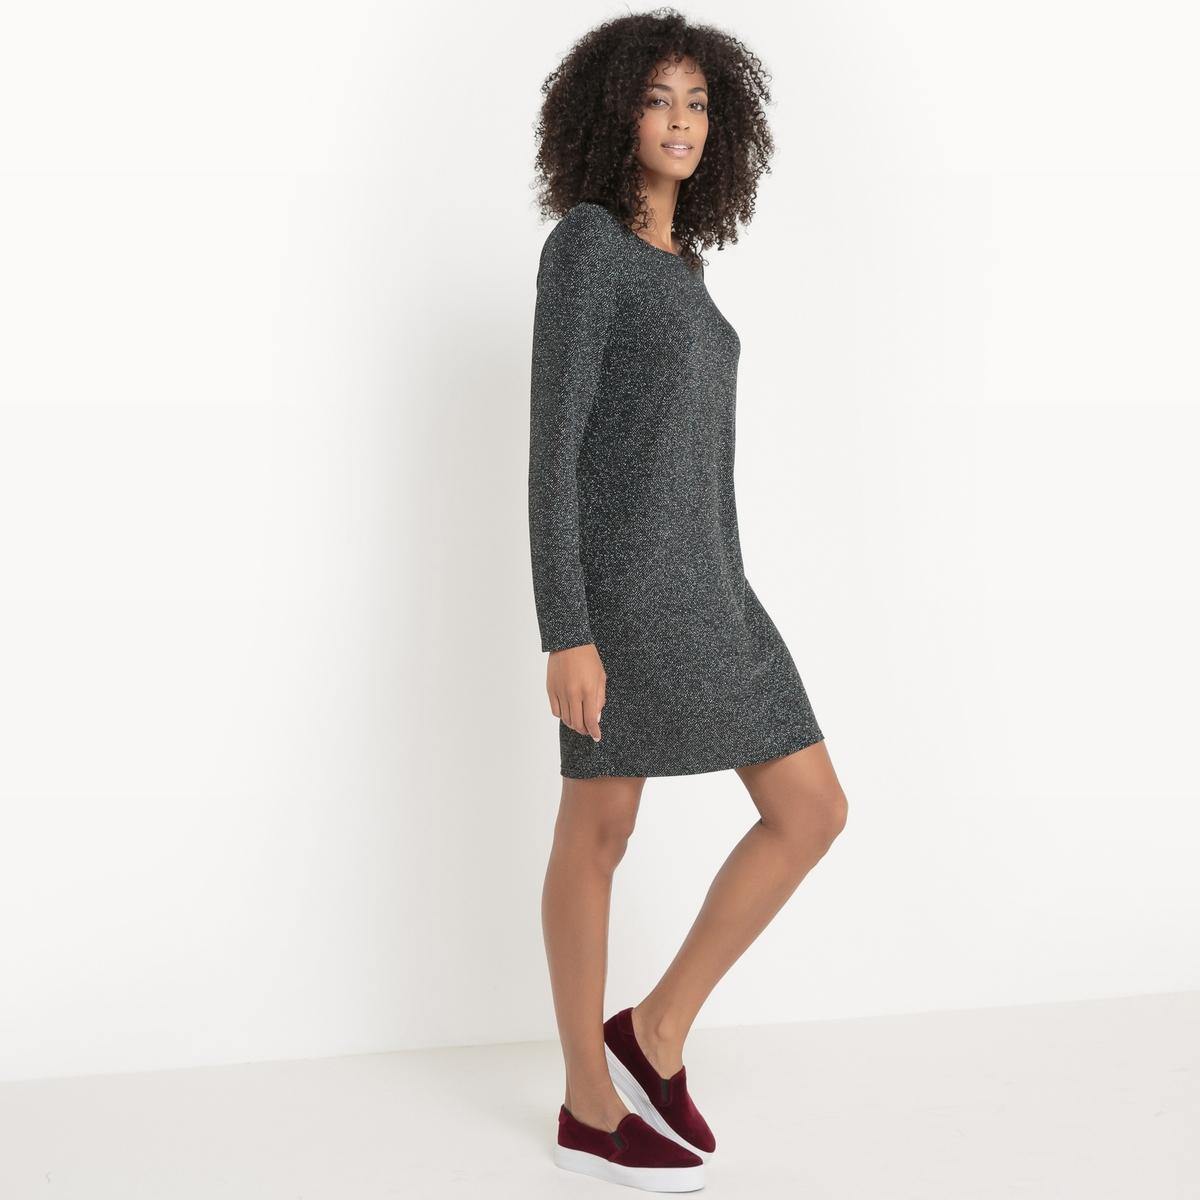 Платье с длинными рукавами VITINNY LUOSQUARE DRESSПлатье с длинными рукавами VITINNY LUOSQUARE DRESS от VILA . Платье прямого покроя. Круглый вырез. Меланжевый трикотаж. Состав и описание :Материал : 75% полиамид, 20% металлизированные волокнаМарка : VILA.<br><br>Цвет: черный<br>Размер: L